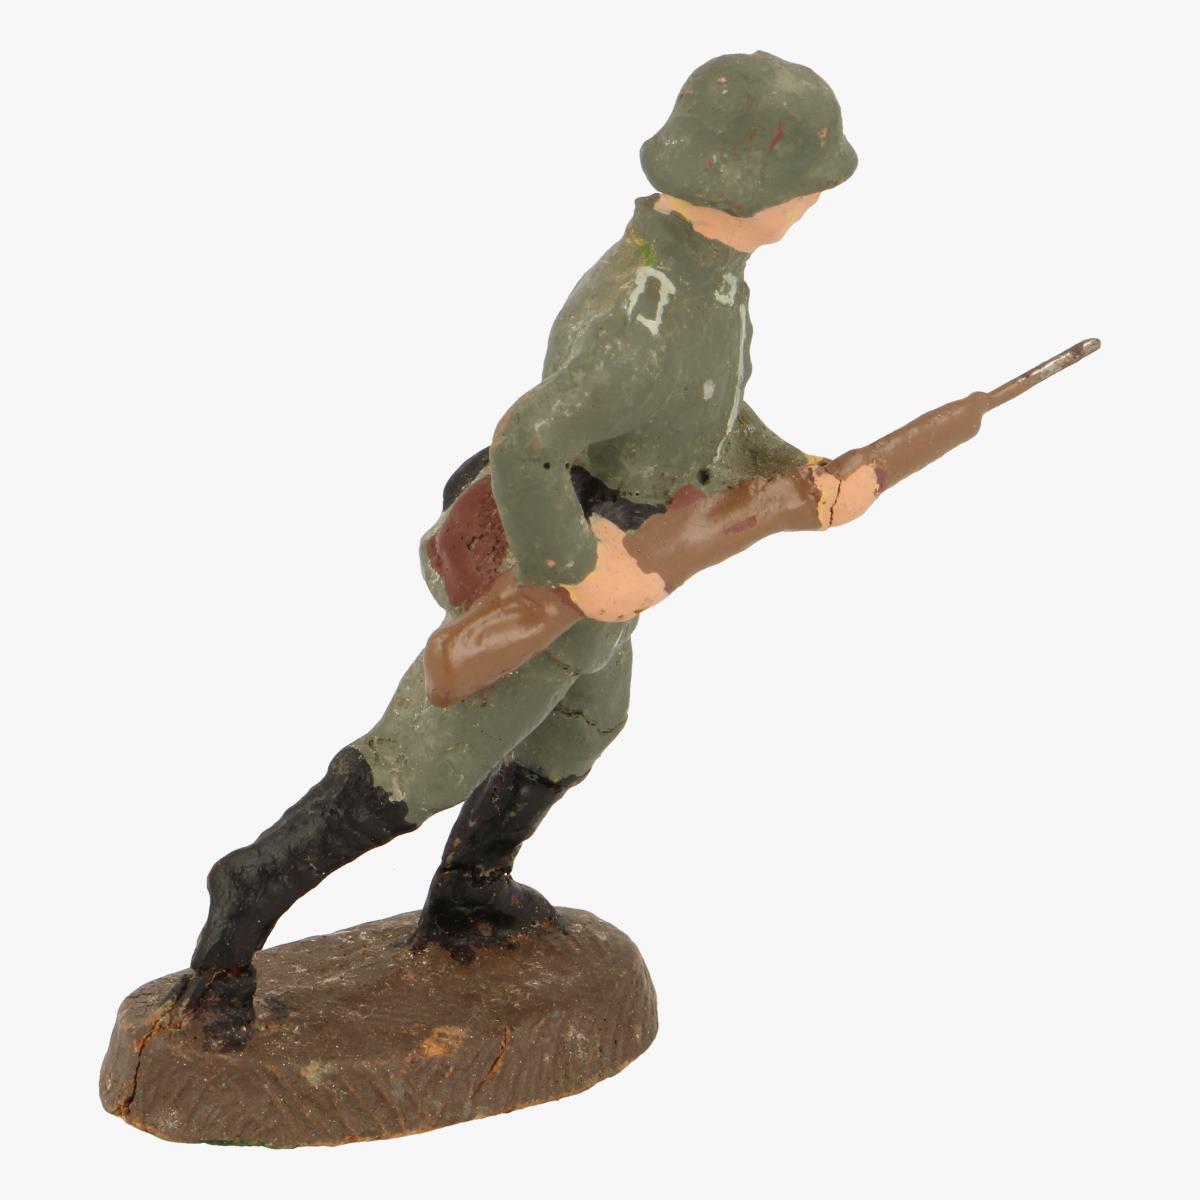 Afbeeldingen van elastolin soldaatjes fabr: elastolin